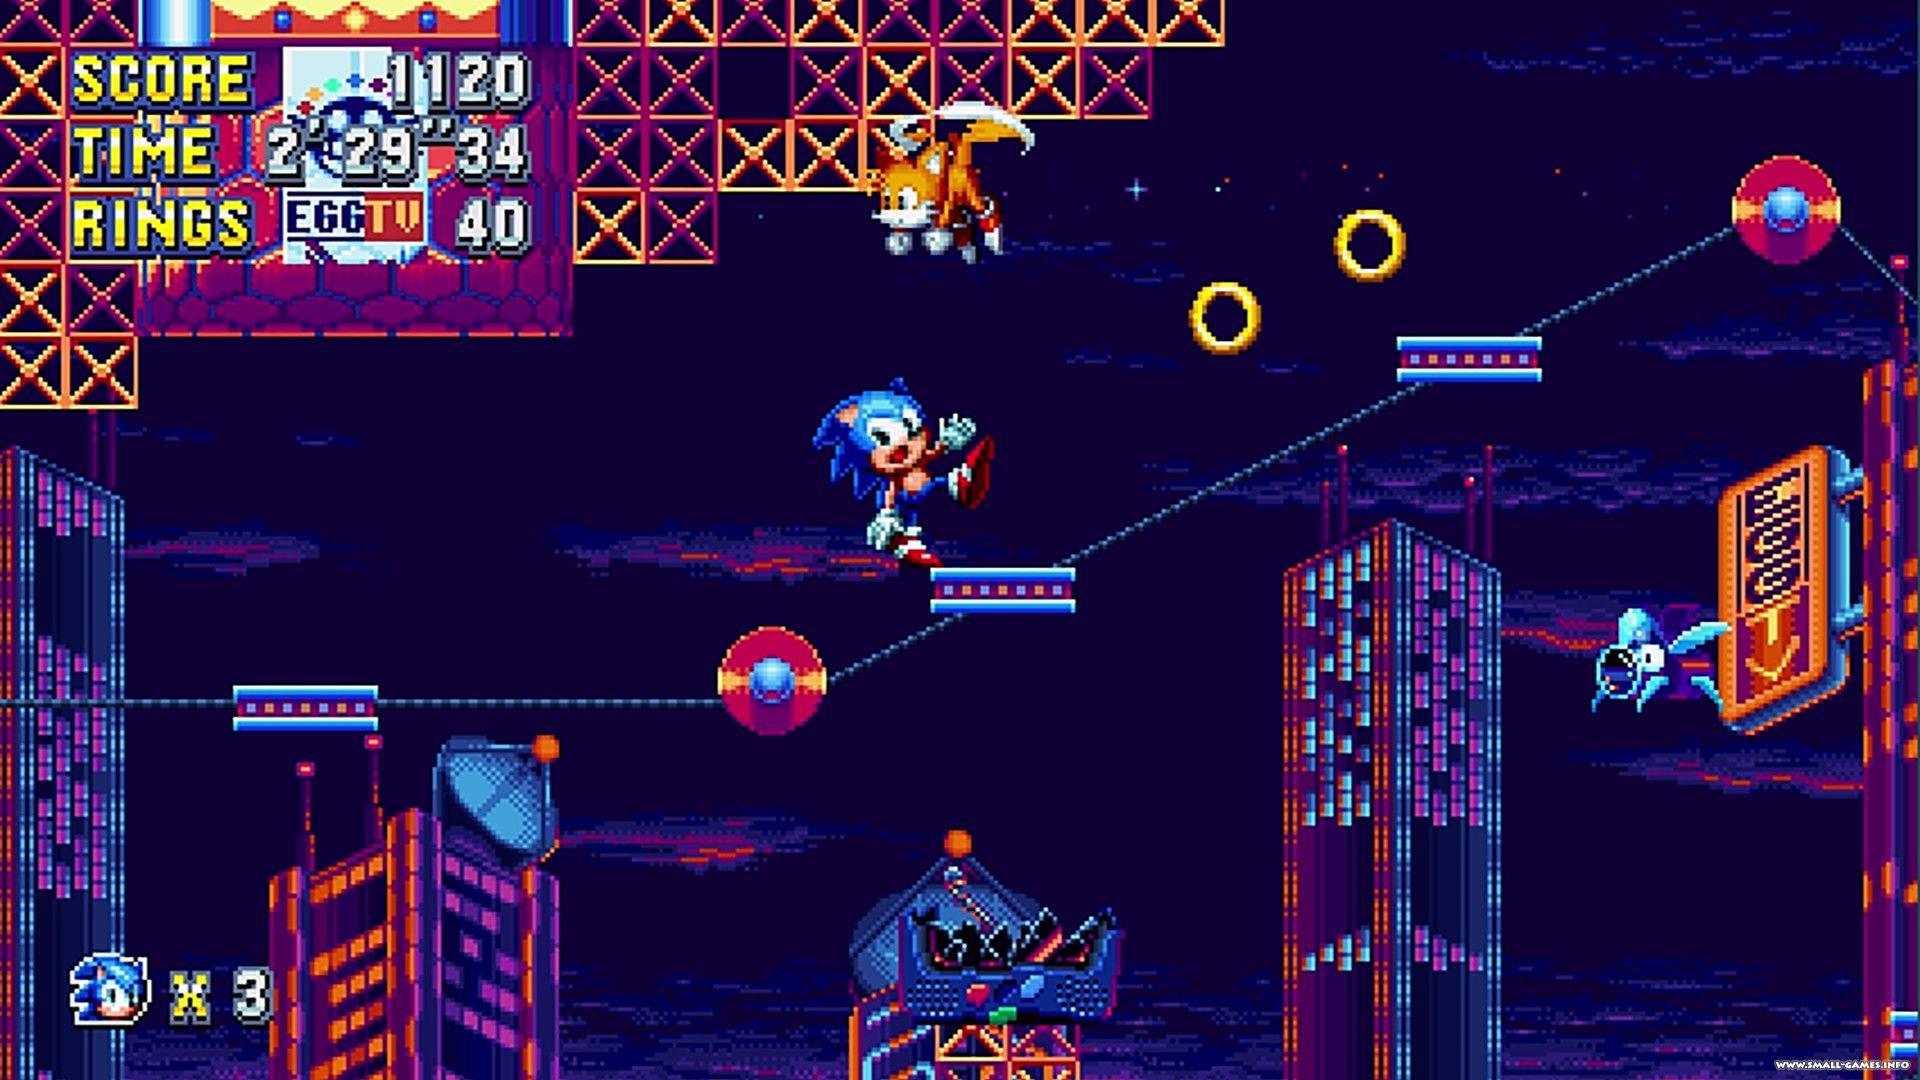 Sonic Mania Plus v1 06 0503 - торрент, скачать бесплатно полную версию